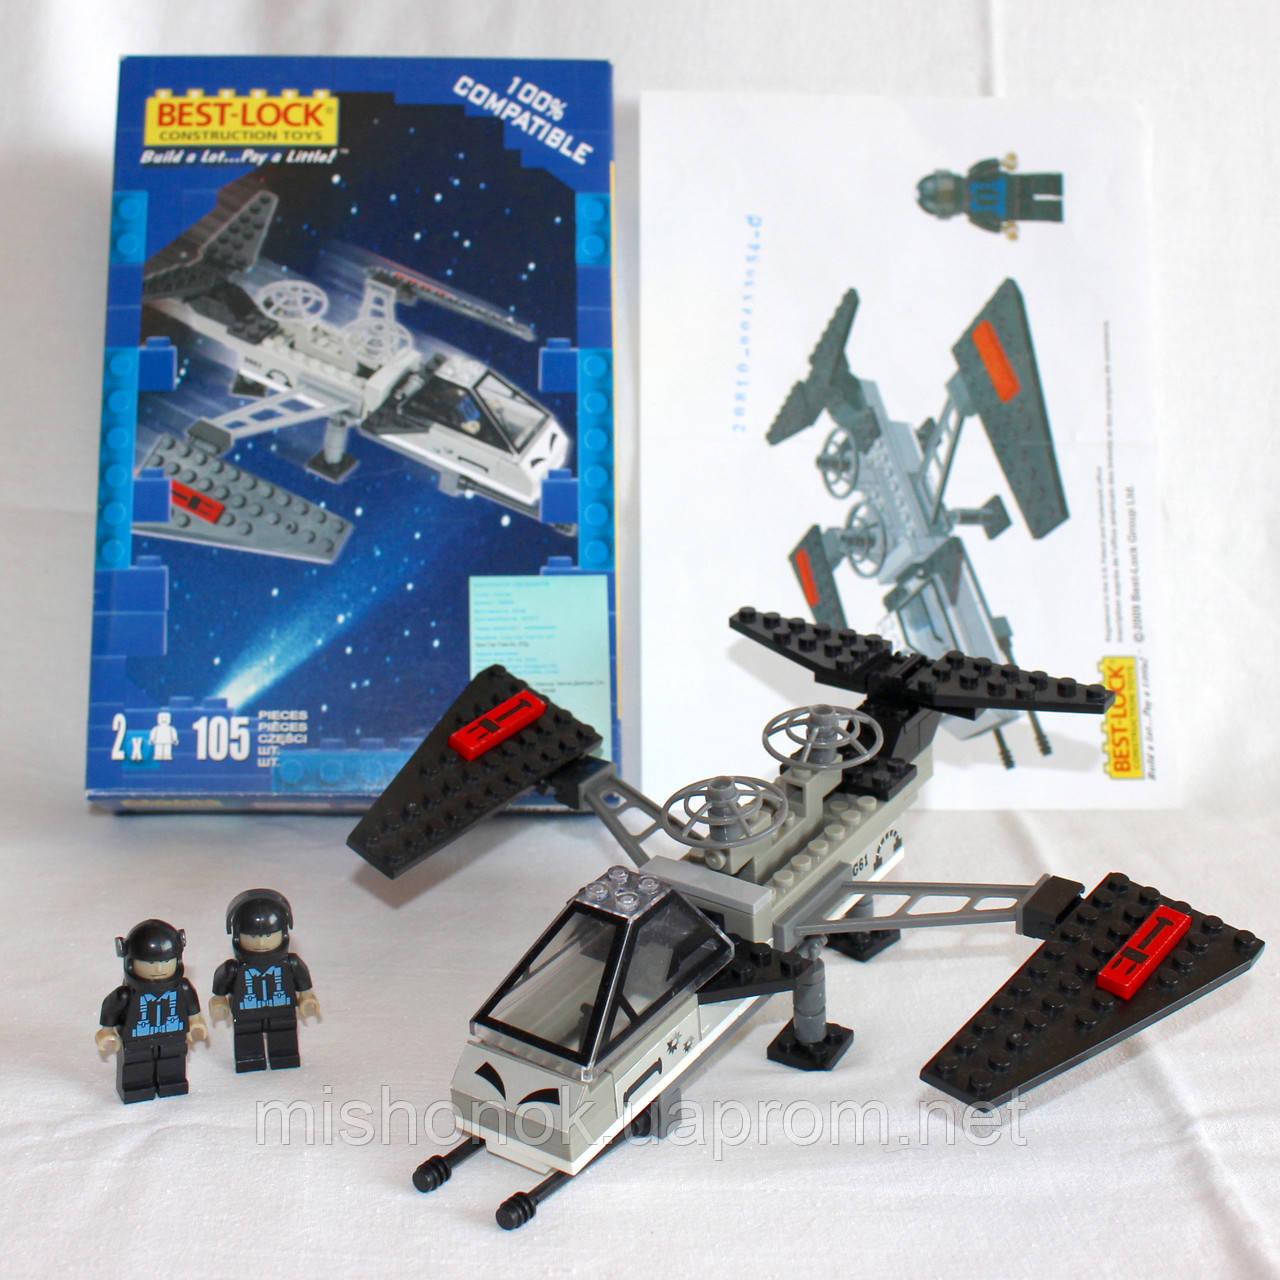 Конструктор Best-Lock, Космолет-истребитель, серия Star Space, 105 деталей